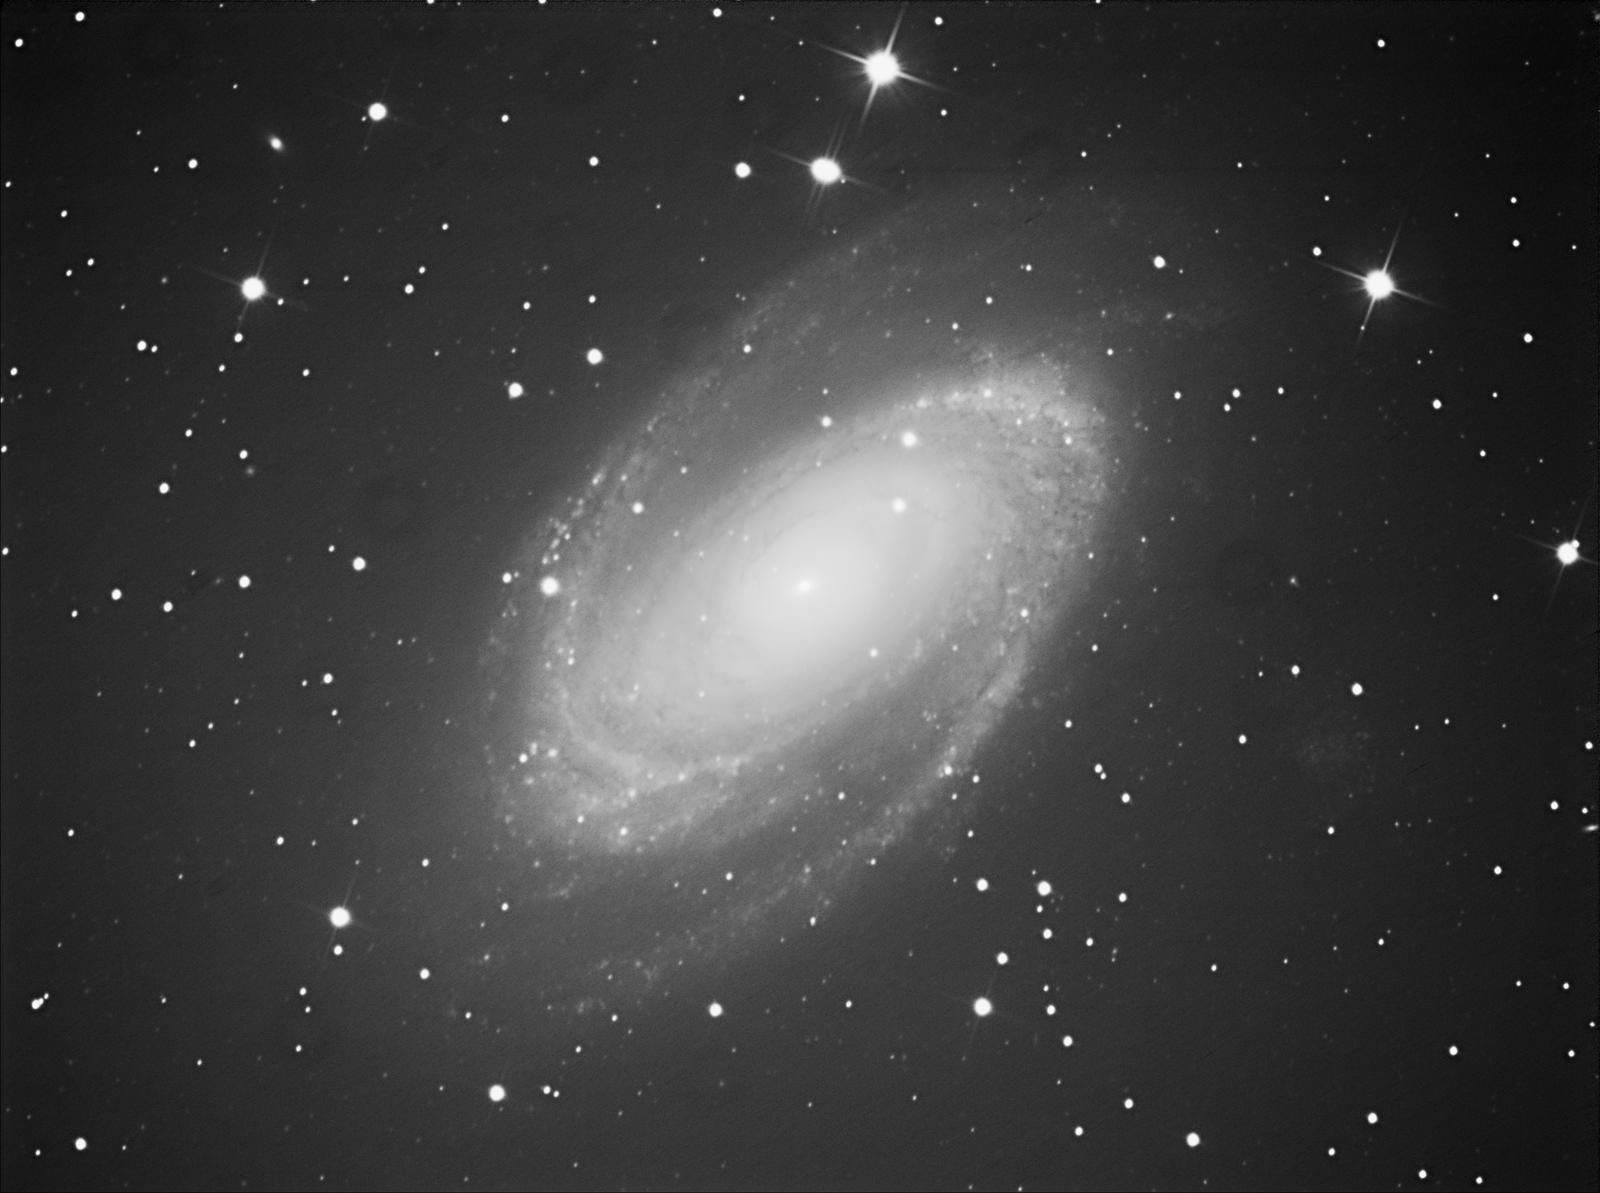 M81 Галактика Боде